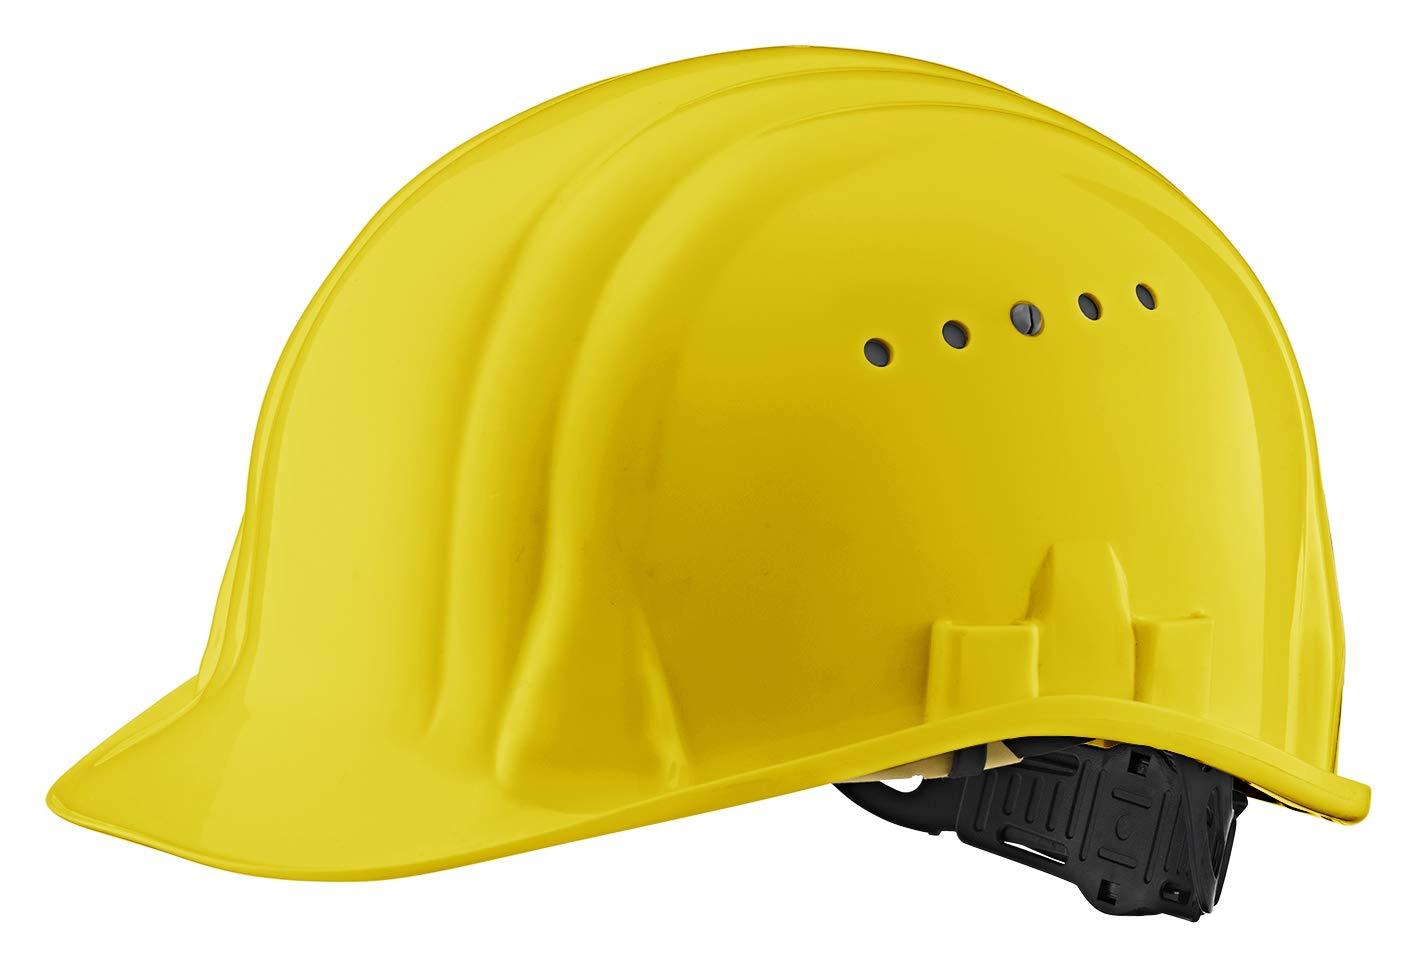 EU Schutz - Arbeitshelm - EN 397 Einstellbarer Schutzhelm - Bauhelm mit 6-Punkt Gurtband (Weiß )